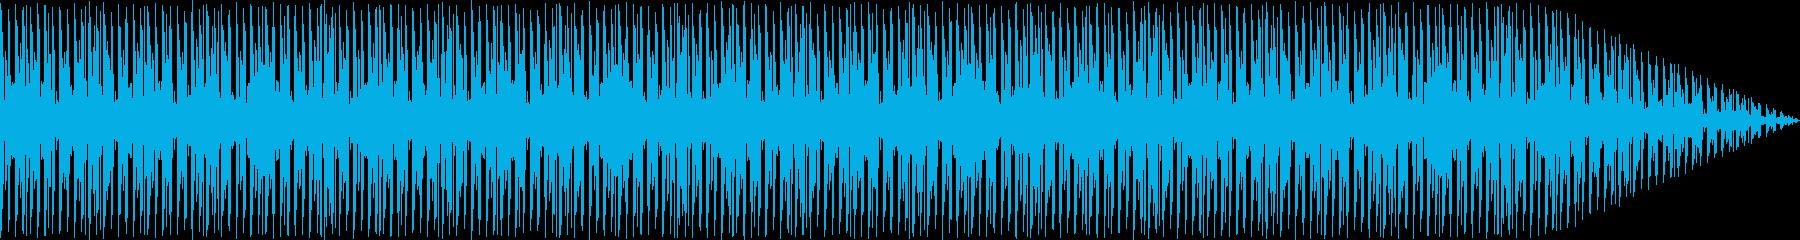 ループ、トランス、サスペンス。ニュ...の再生済みの波形